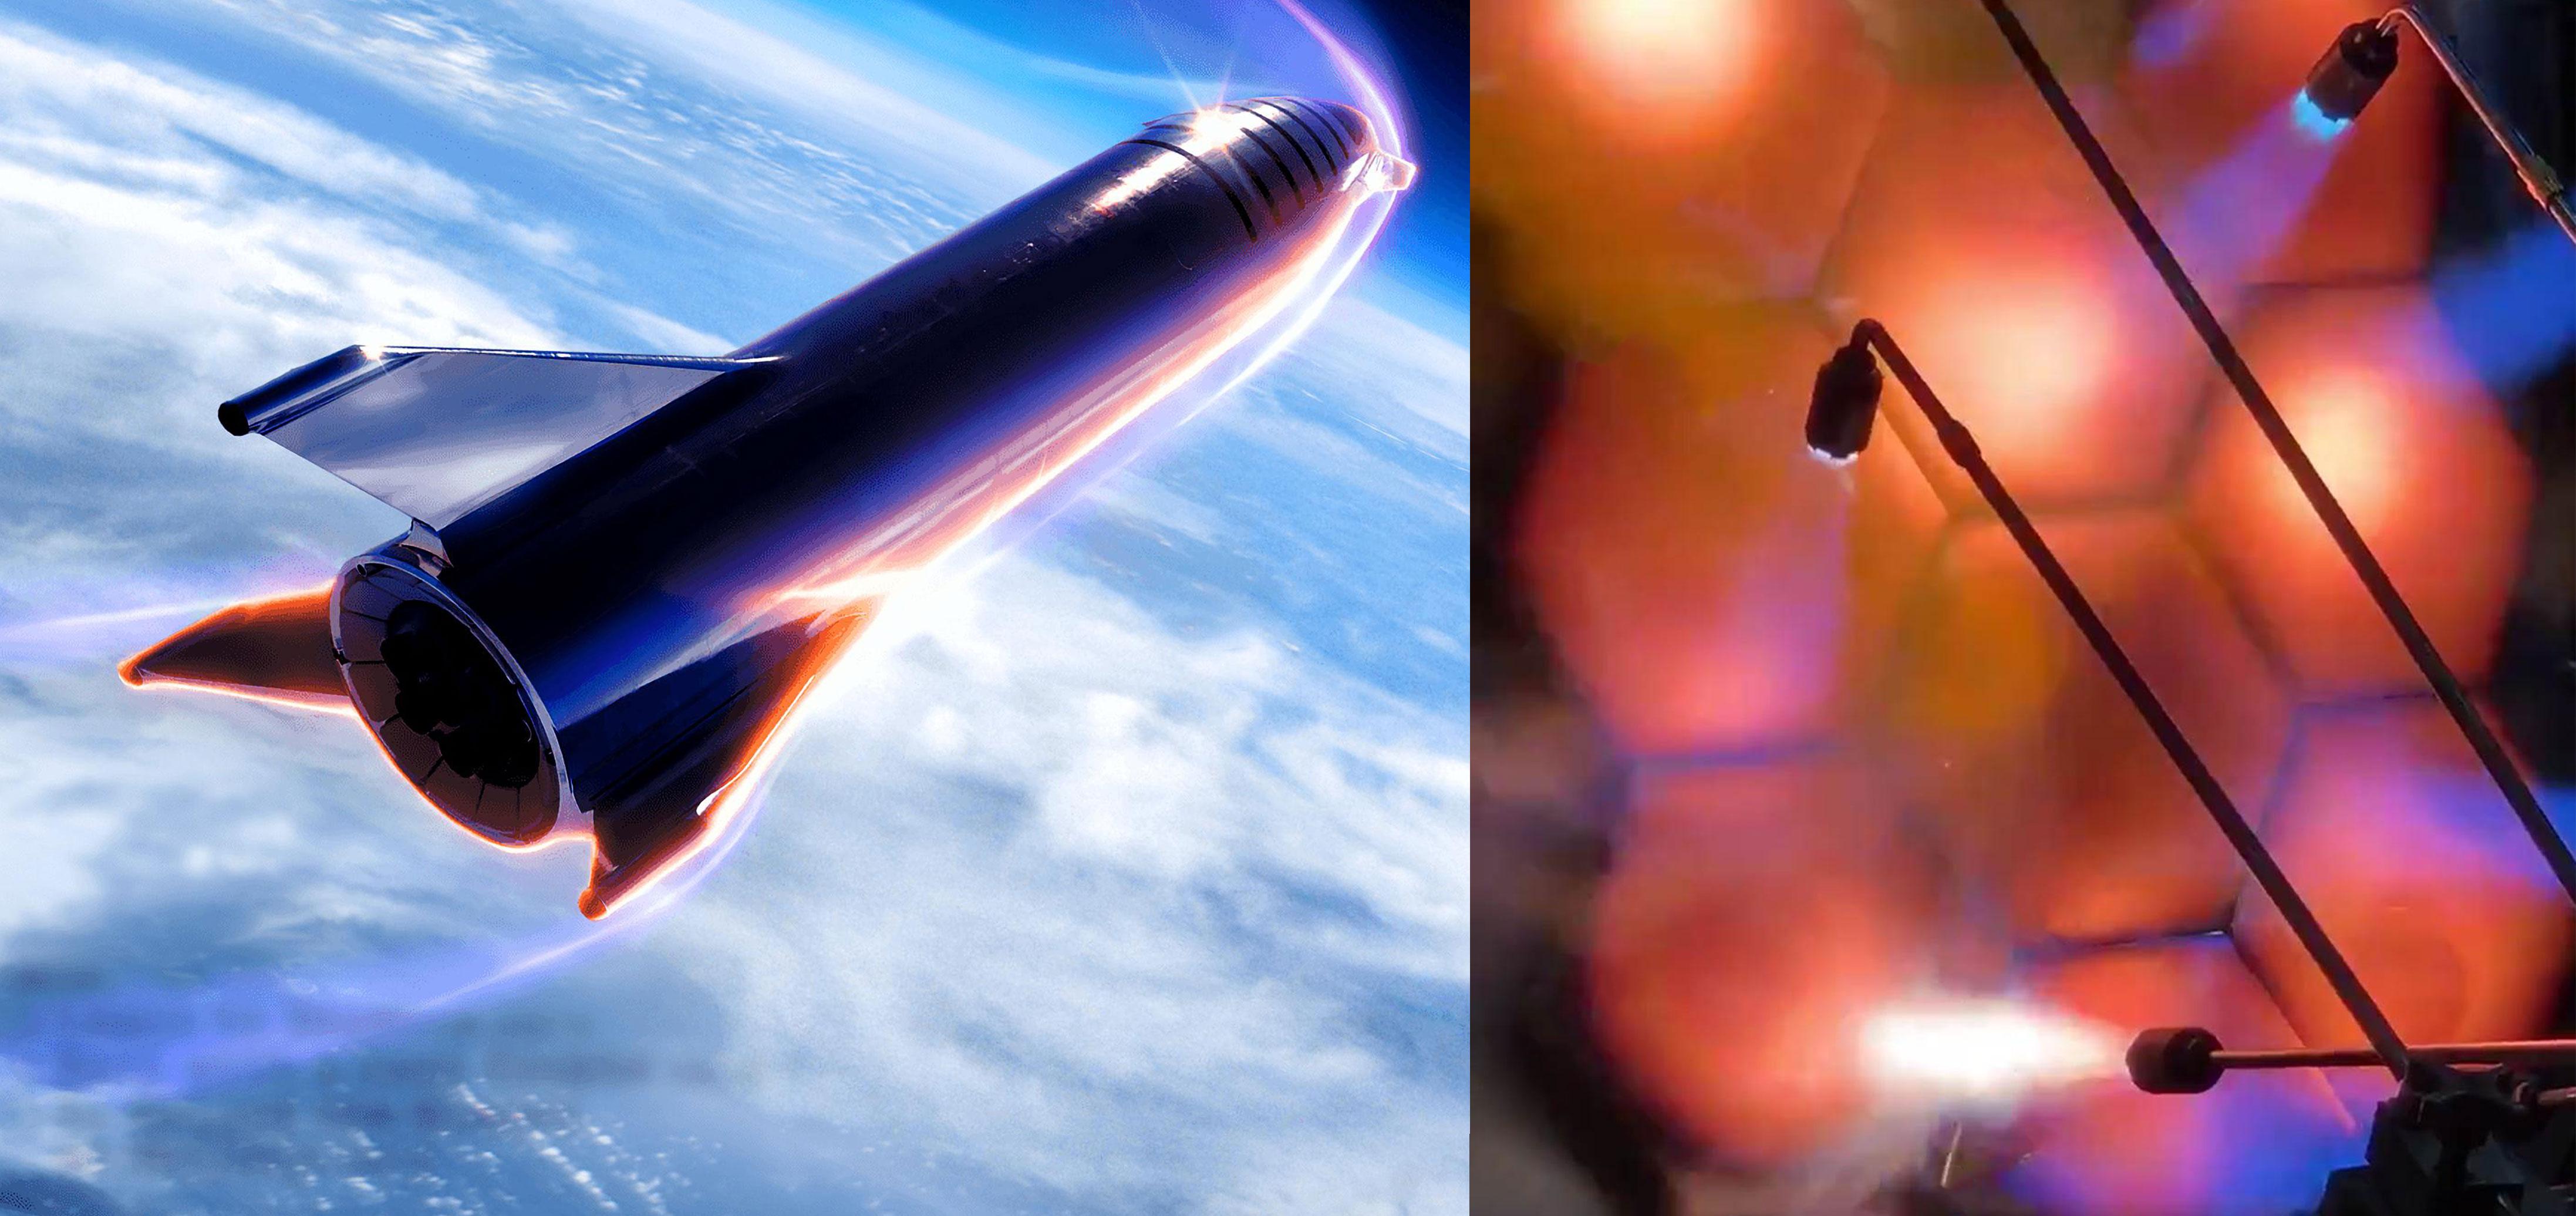 steel Starship reentry & steel heatshield testing (SpaceX) 2